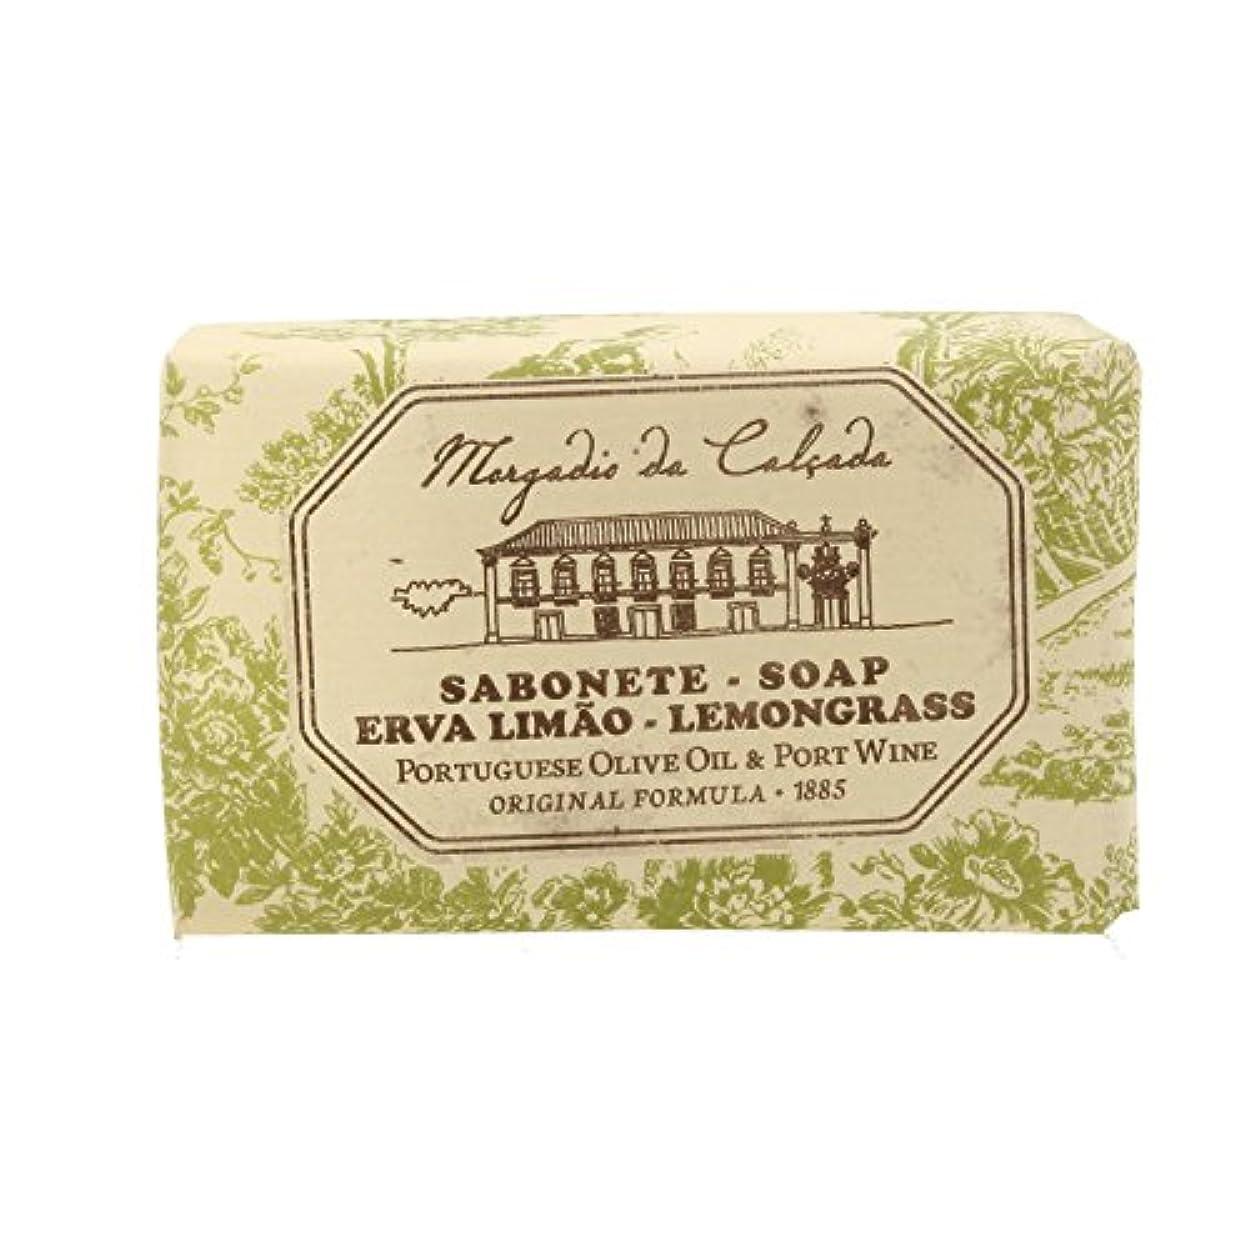 発明する痛い流行しているモルガディオ ダ カルサダ ソープ レモングラス 95g